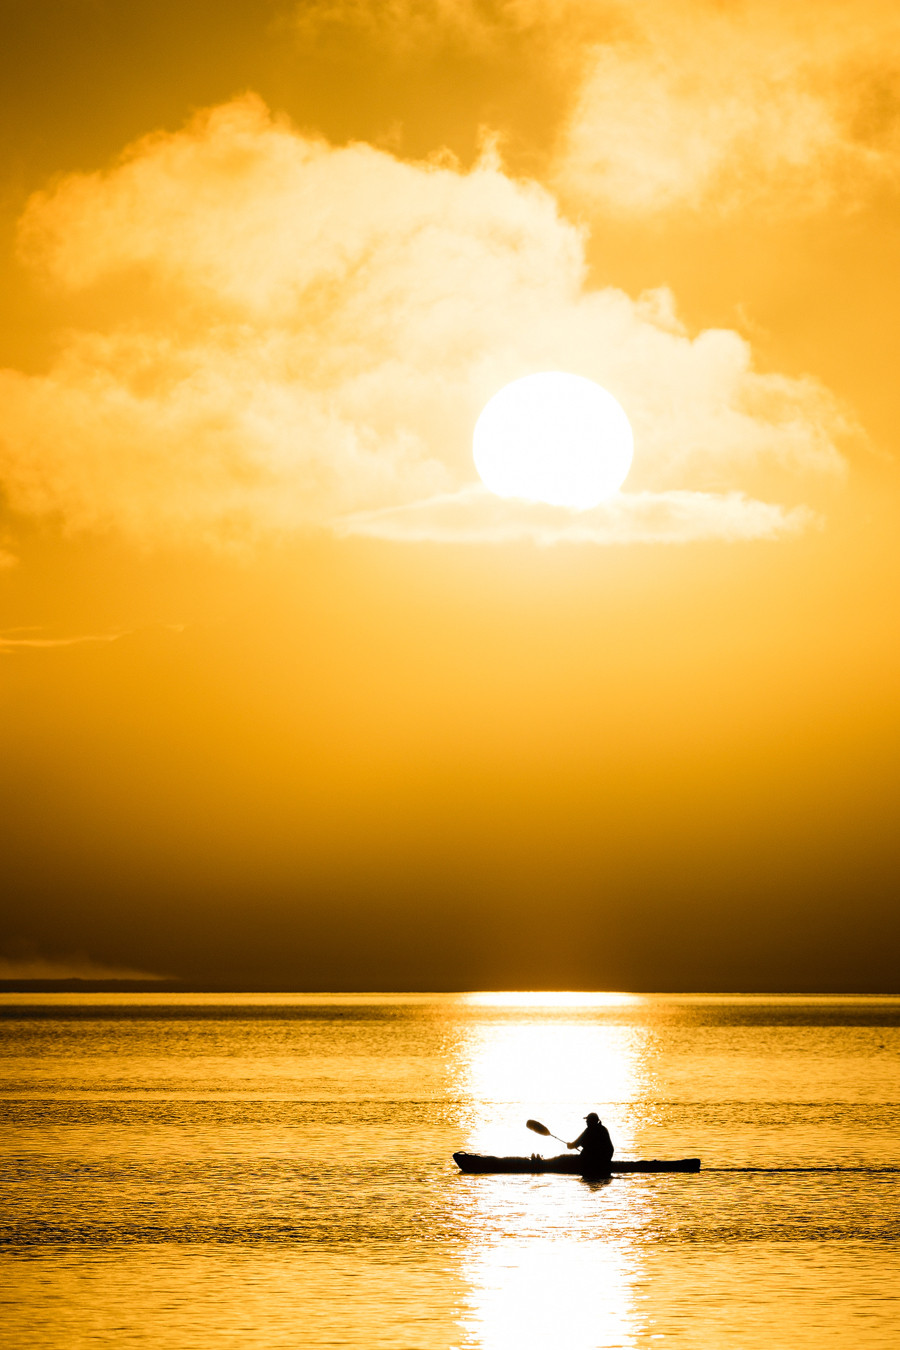 Der perfekte Augenblick: Kajak auf ruhiger See in Island im Strahl der untergehenden Sonne.